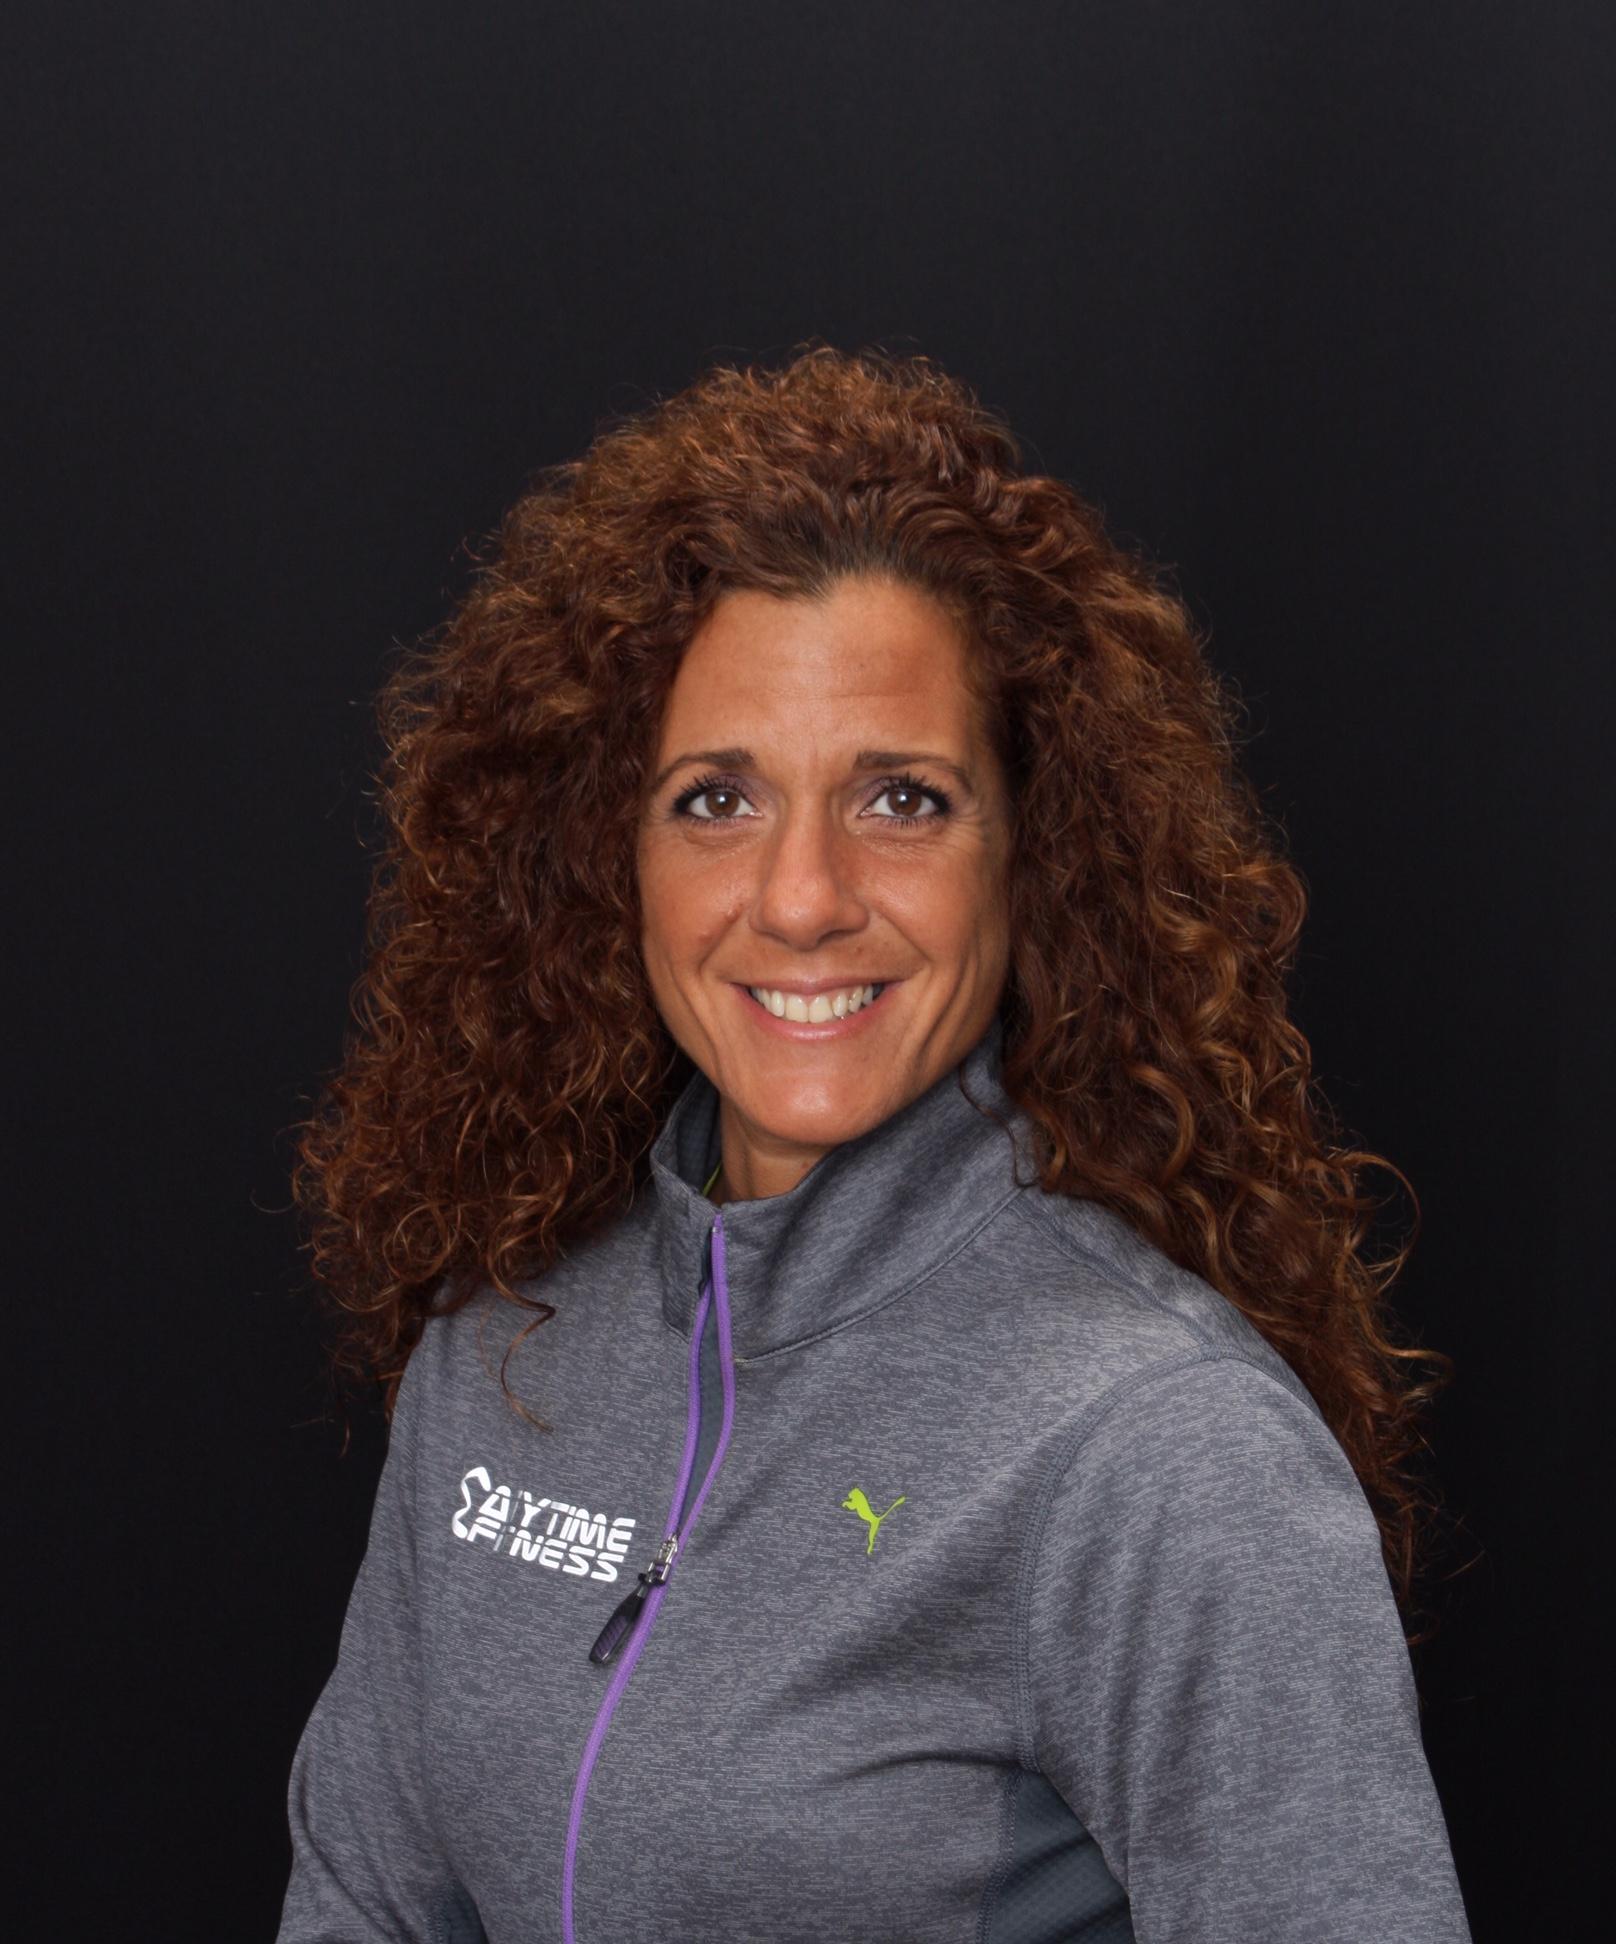 Angela Schrader